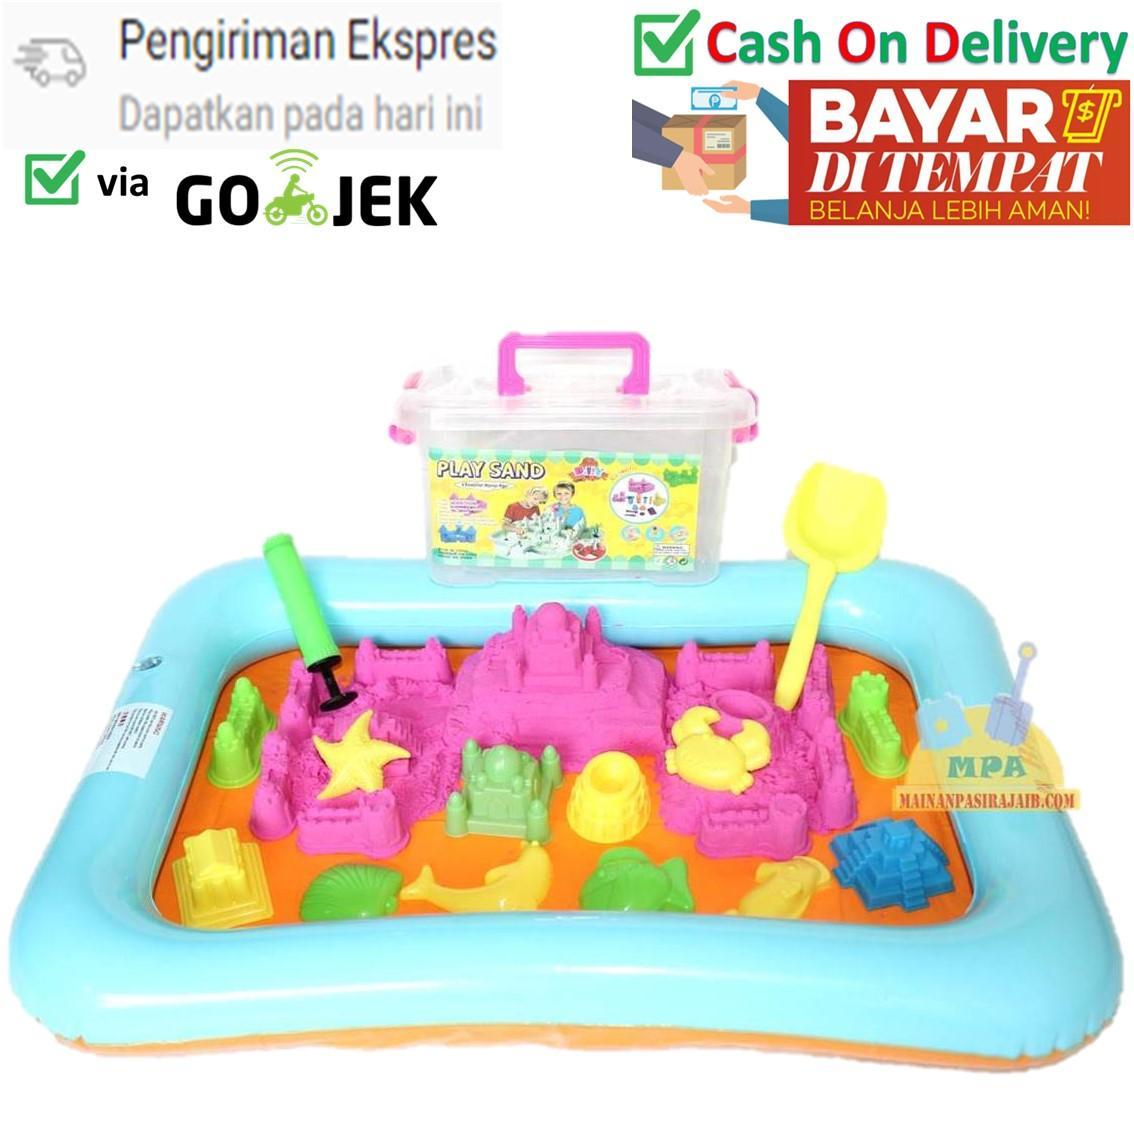 Kehebatan Pempek Candy Paket B Besar 2 Kg Dan Harga Update A Mainan Edukasi Pasir Ajaib Play Sand Original